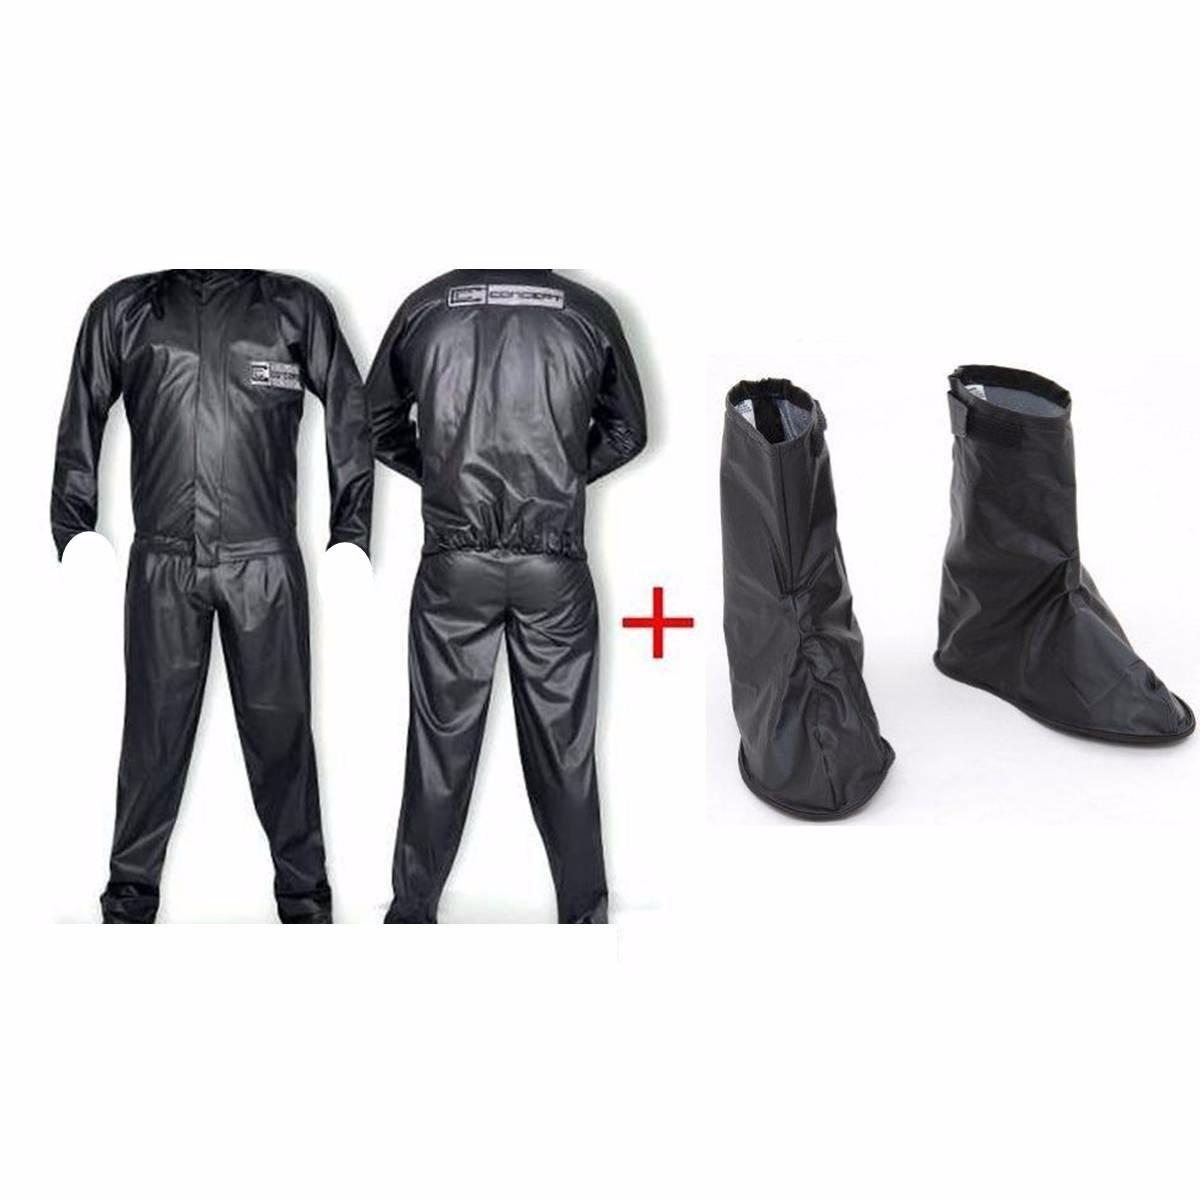 e29606660a3 kit motoqueiro impermeável capa chuva + polaina pvc moto. Carregando zoom.